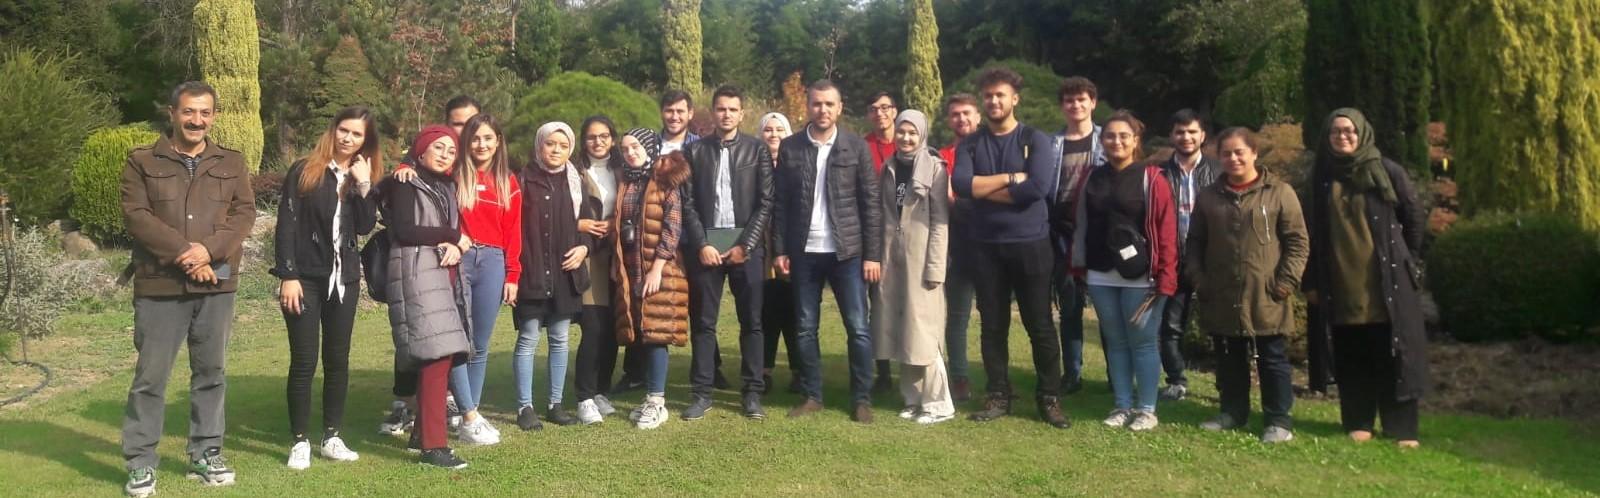 Karaca Arboretumu (Canlı Ağaç Müzesi) Teknik Gezi